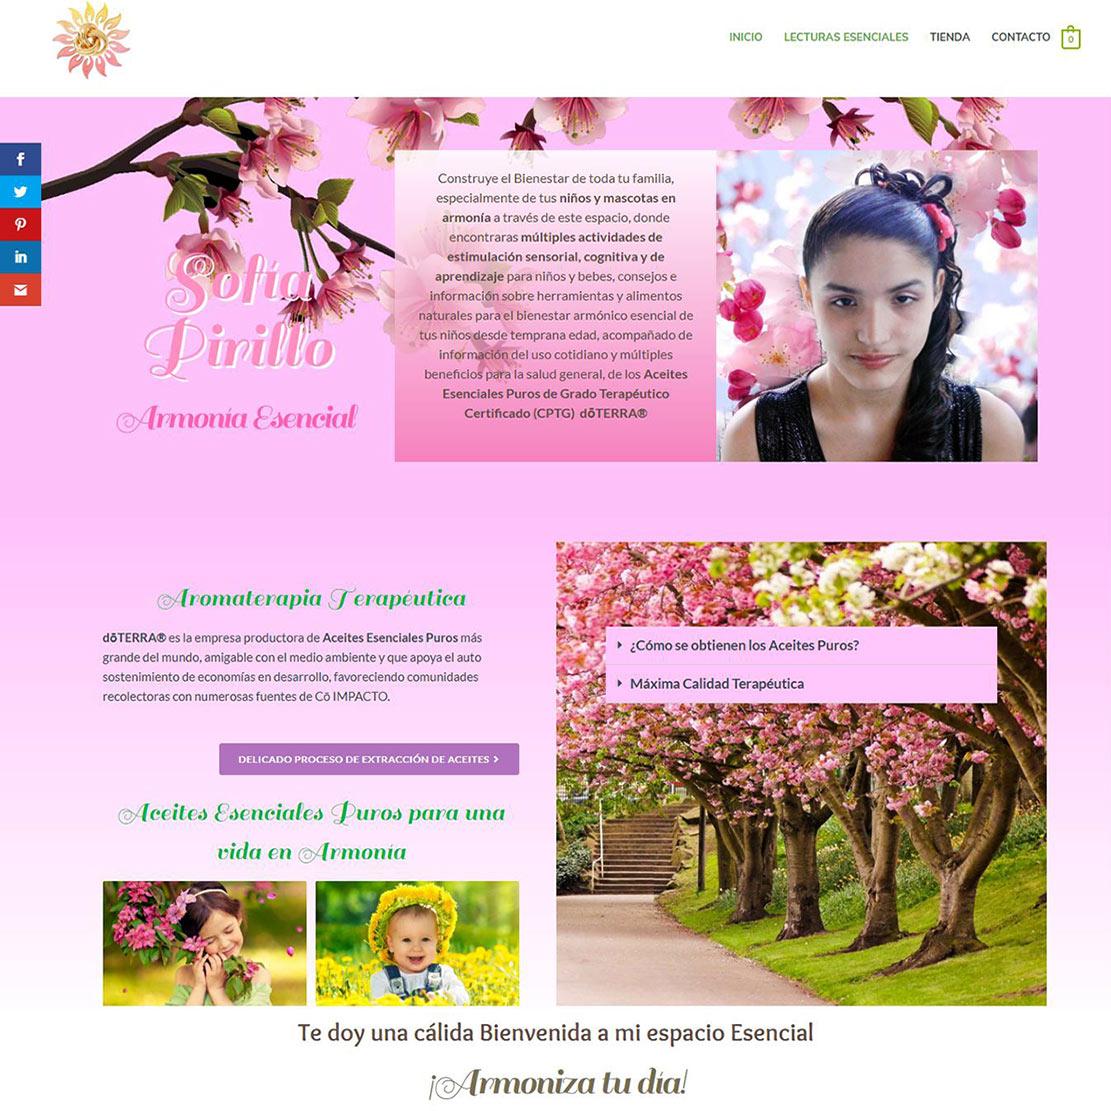 Sofía-Pirillo-Armonía-Esencial-y-Aromaterapia-Terapéutica